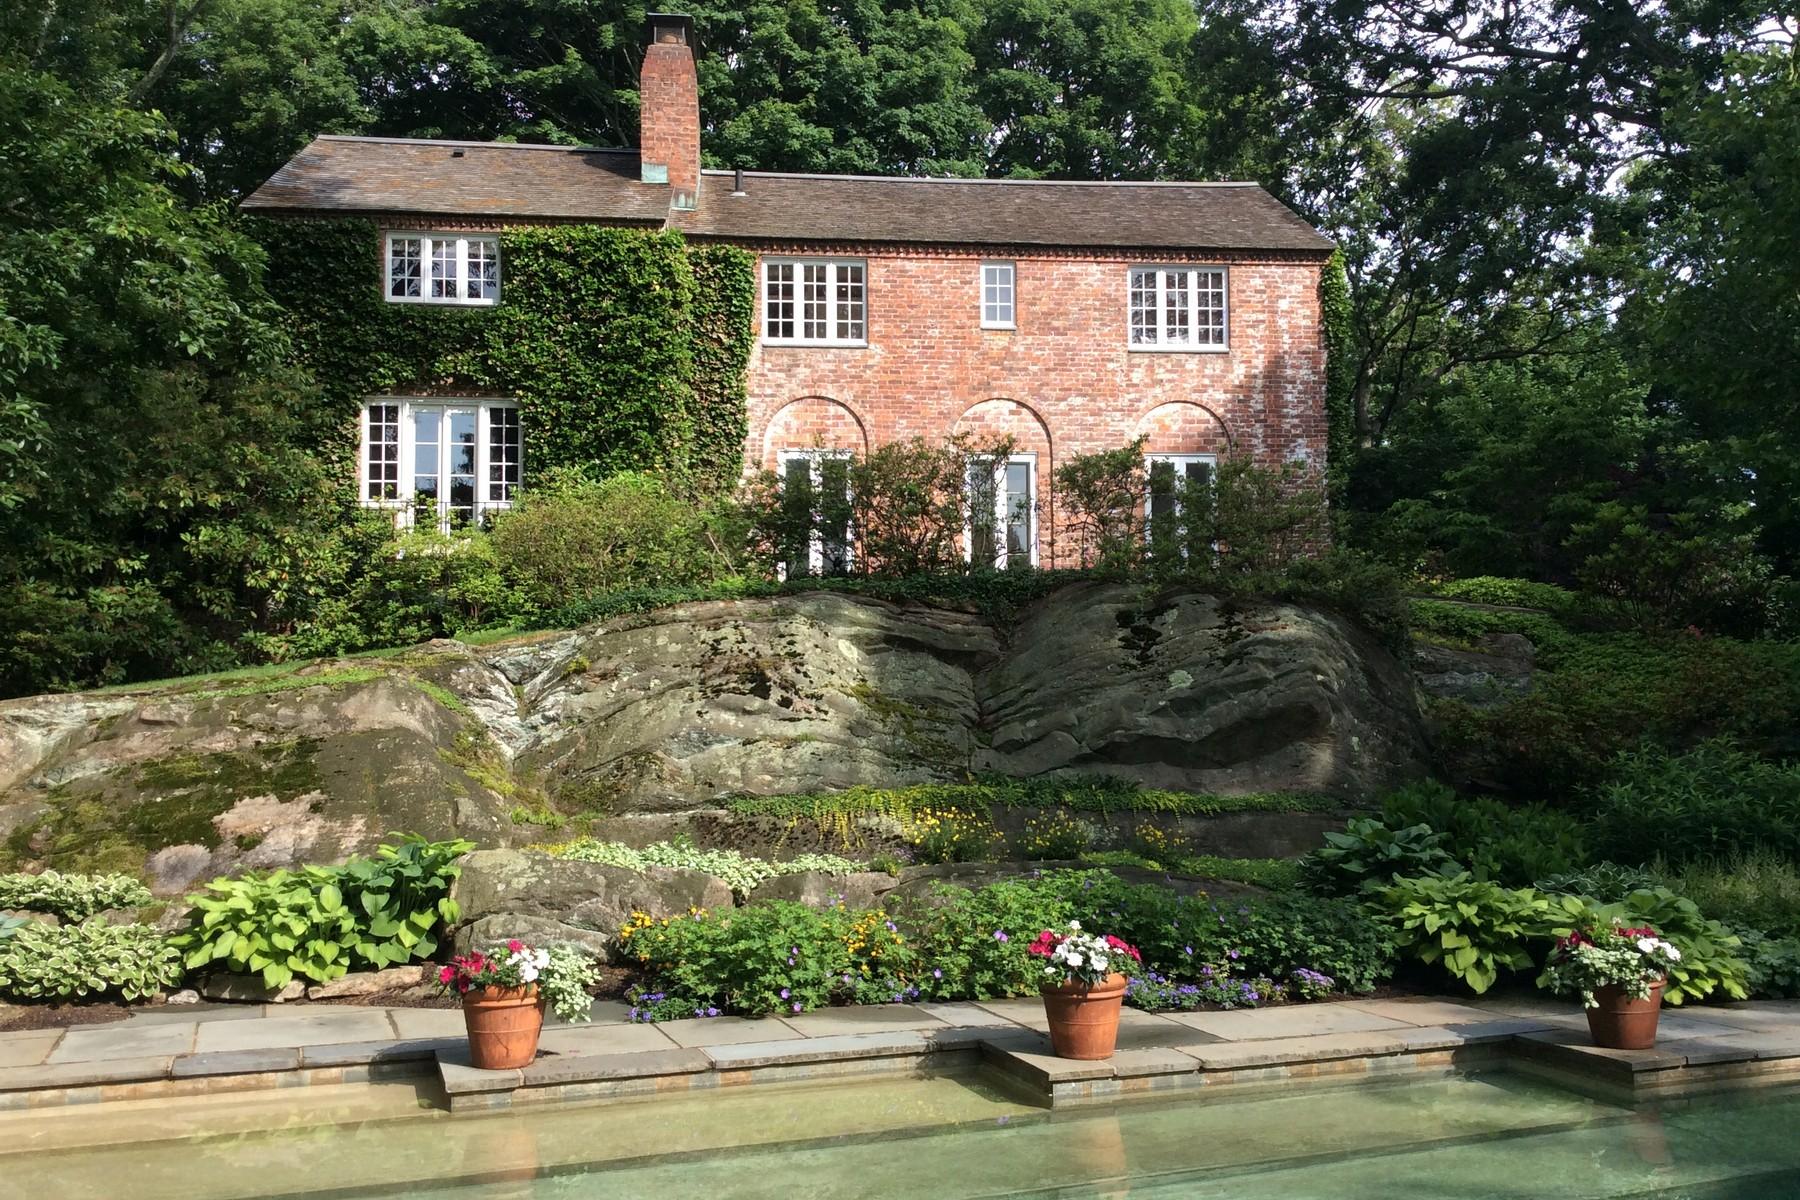 Einfamilienhaus für Verkauf beim Bittersweet - A European Inspired Brick Home 17 Library Ln Old Lyme, Connecticut 06371 Vereinigte Staaten